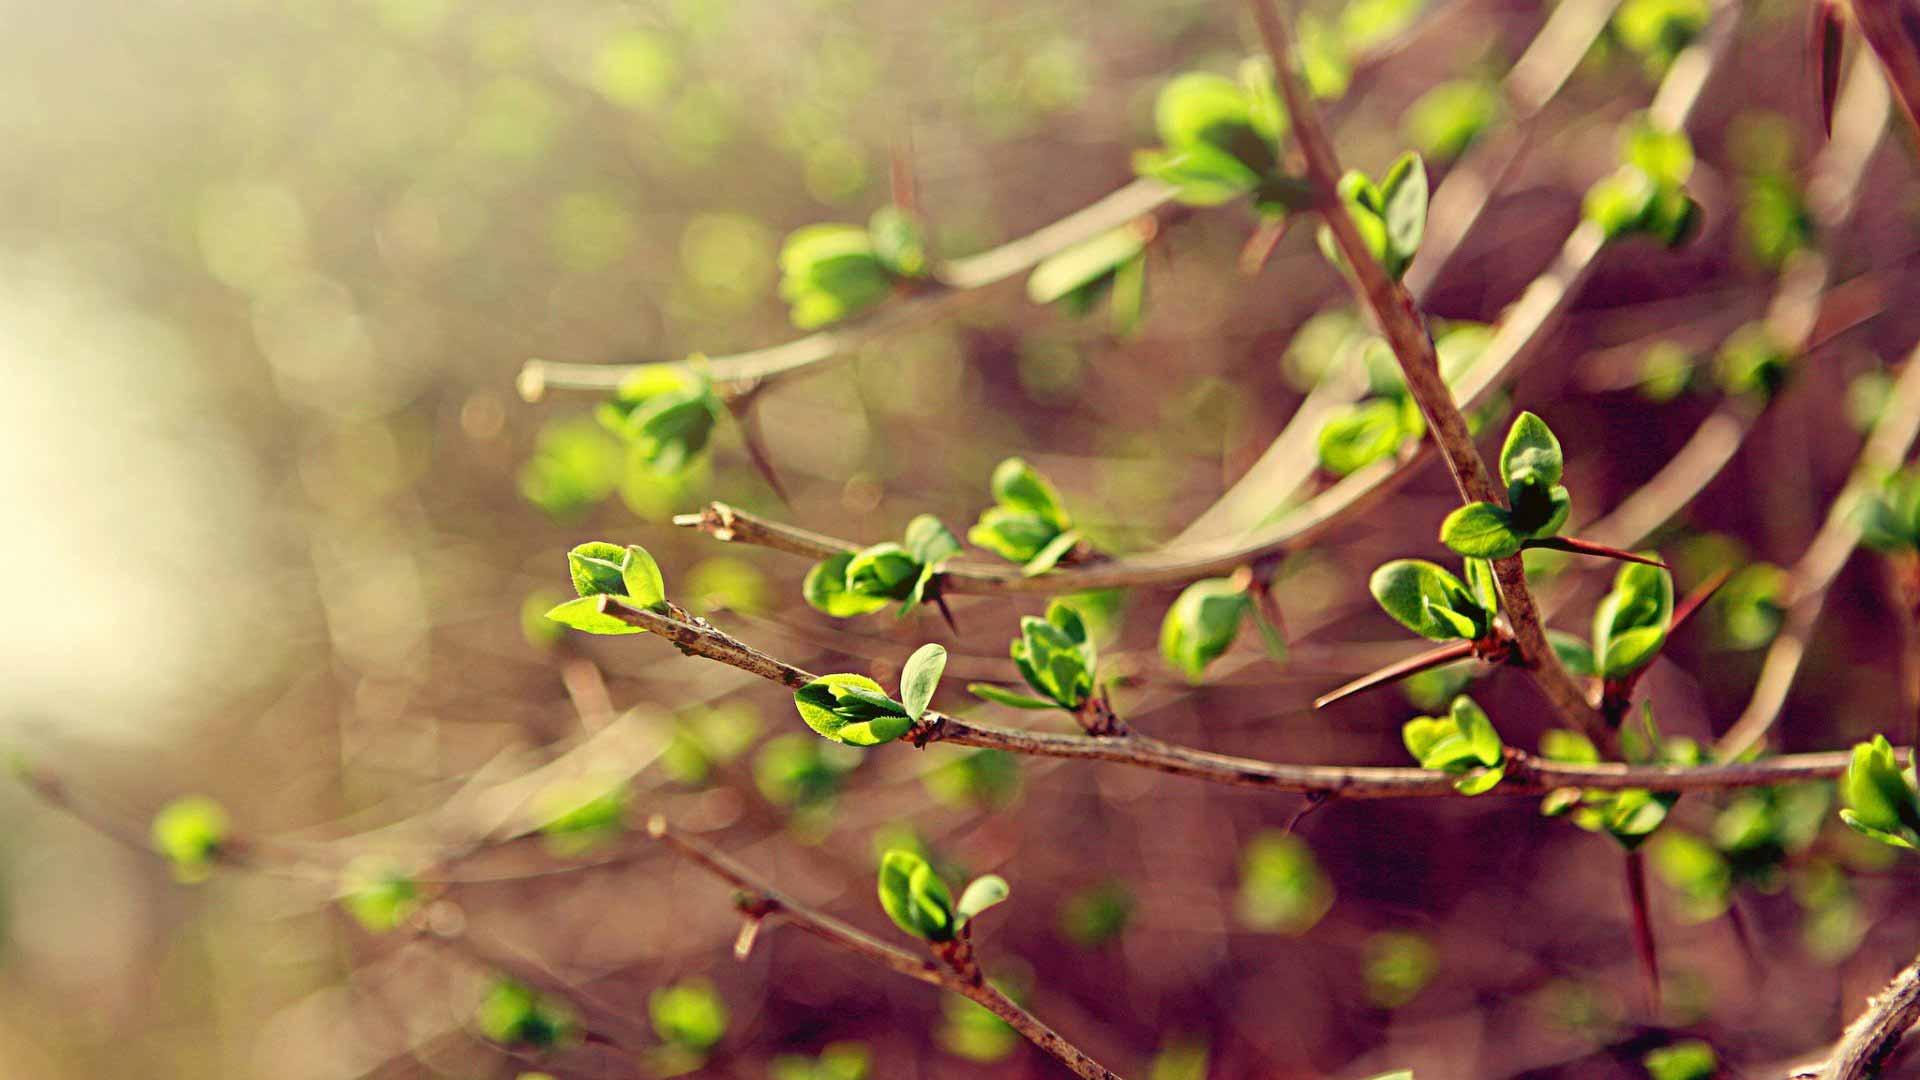 Удивительная и красивая подборка картинок Весна - 25 фото 11